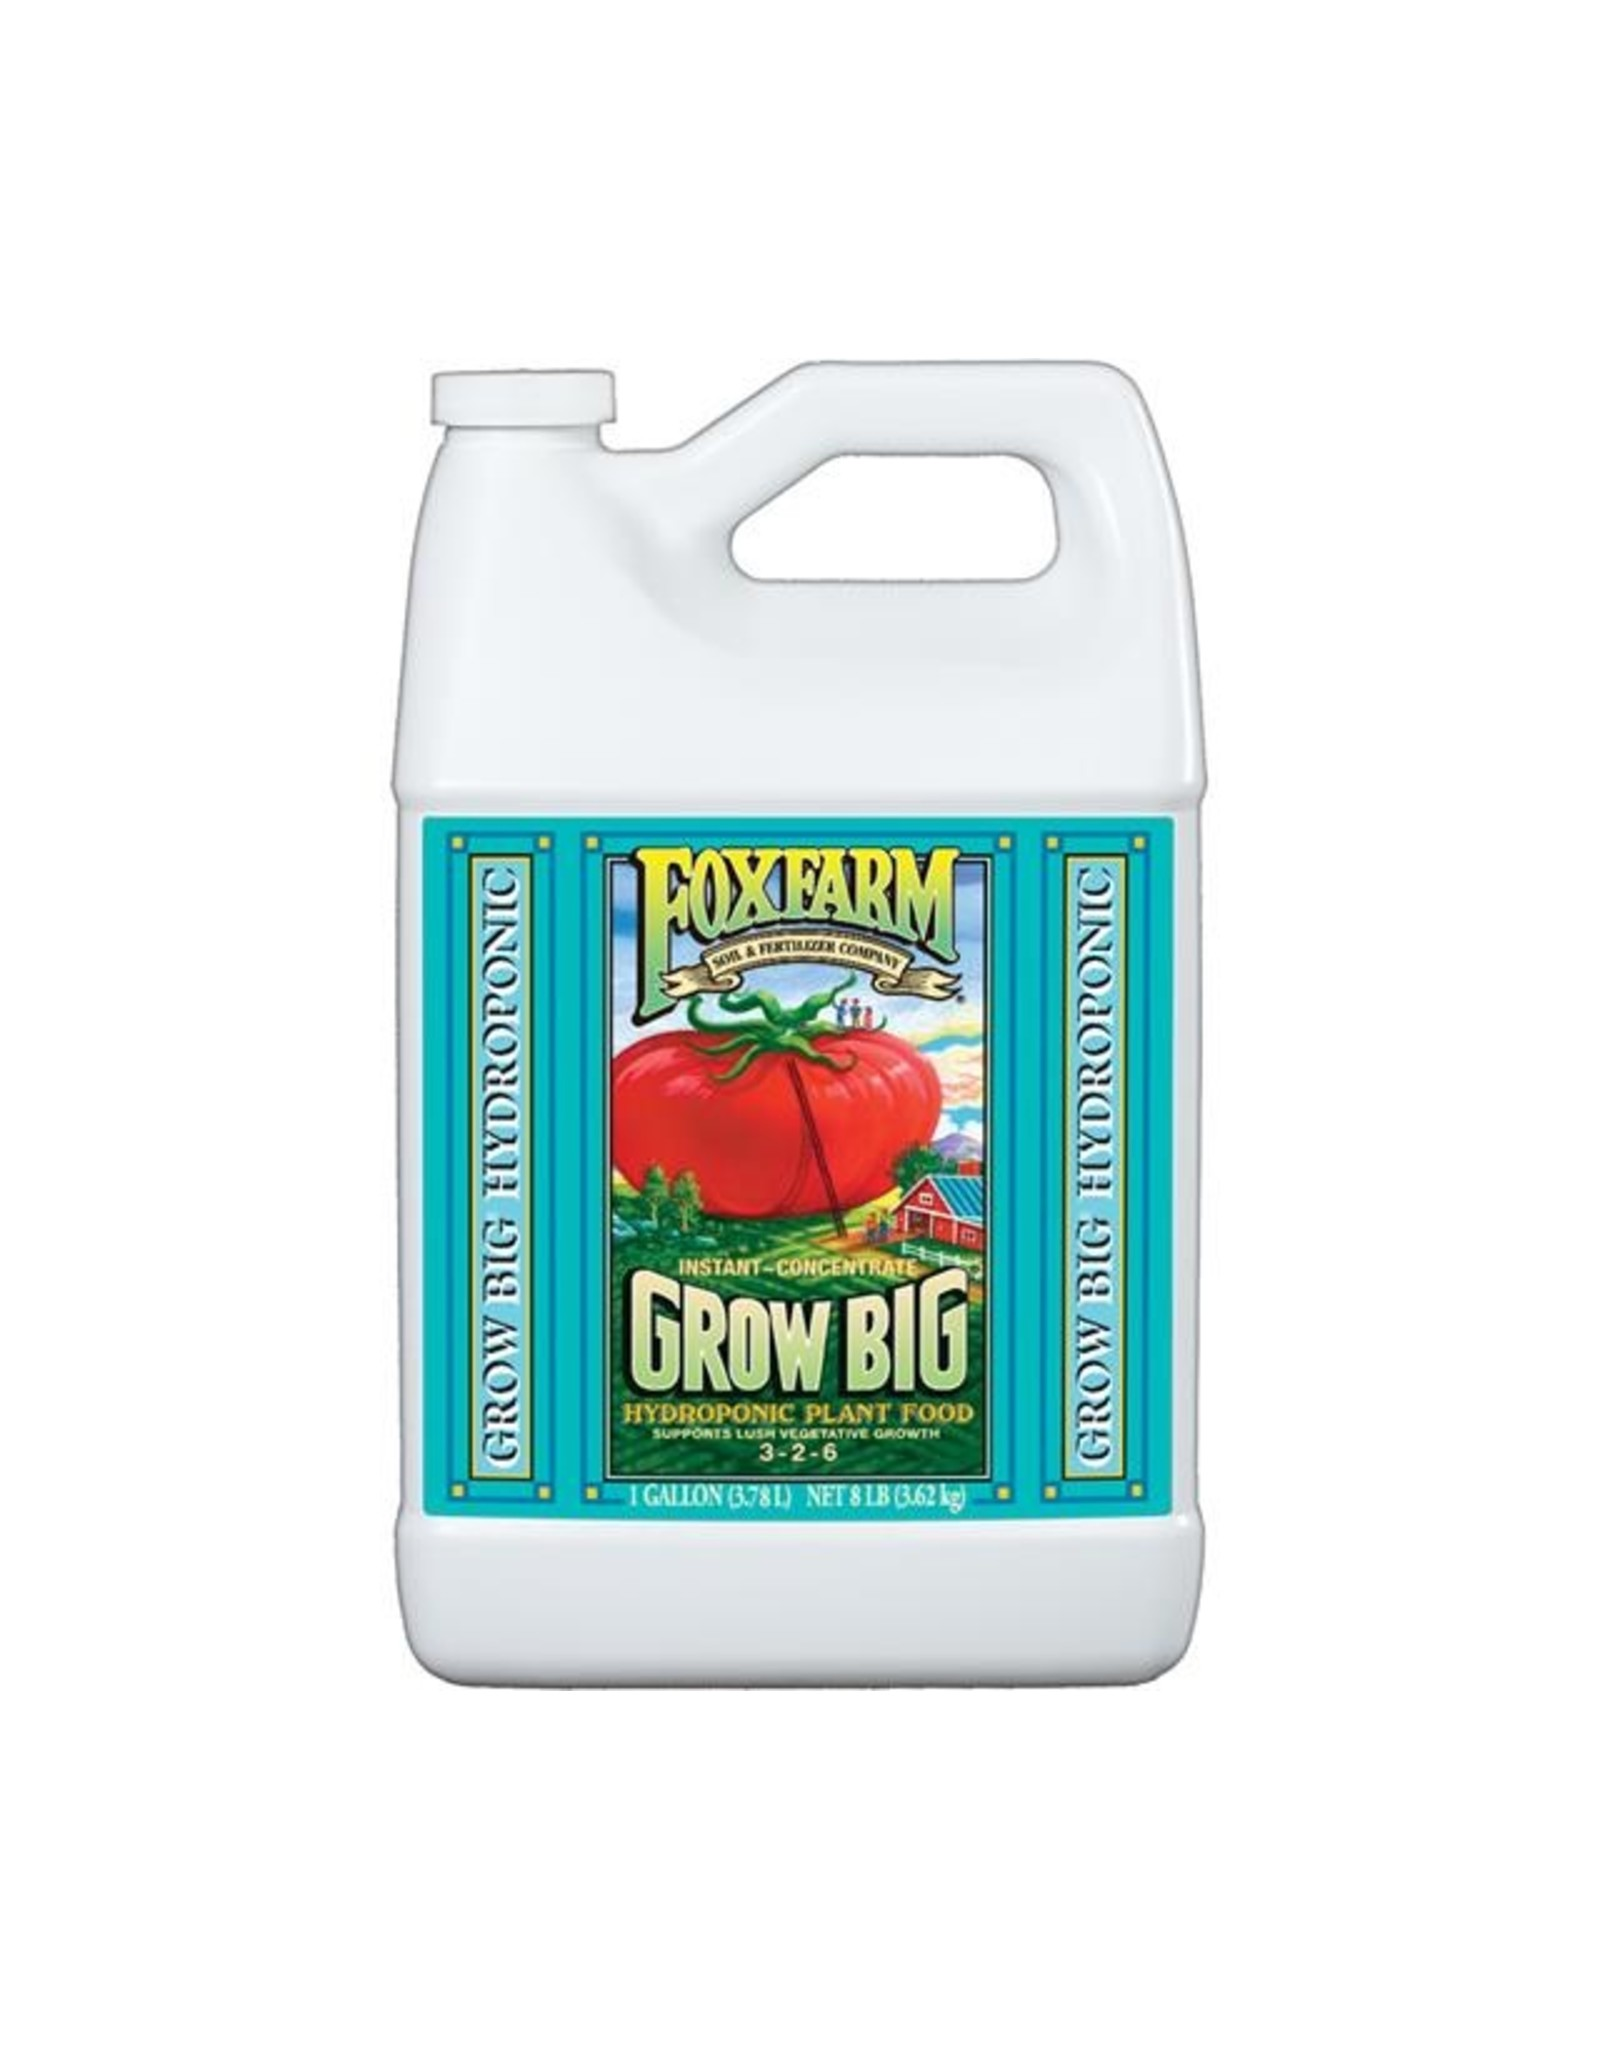 Foxfarm FoxFarm Grow Big Hydro - gal